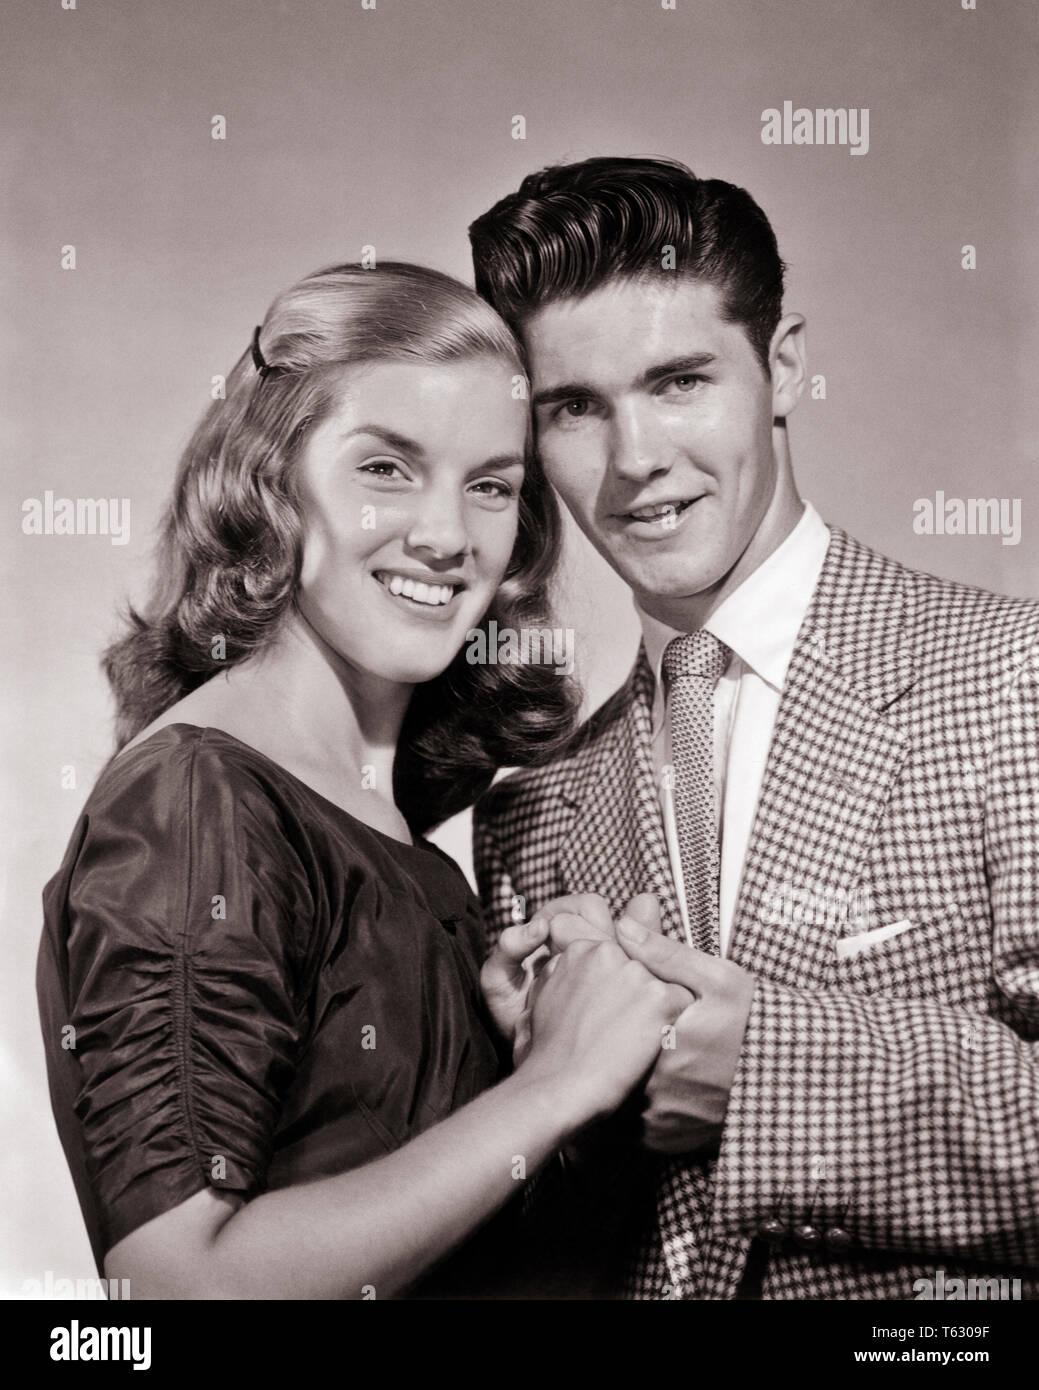 Frisuren manner 1950